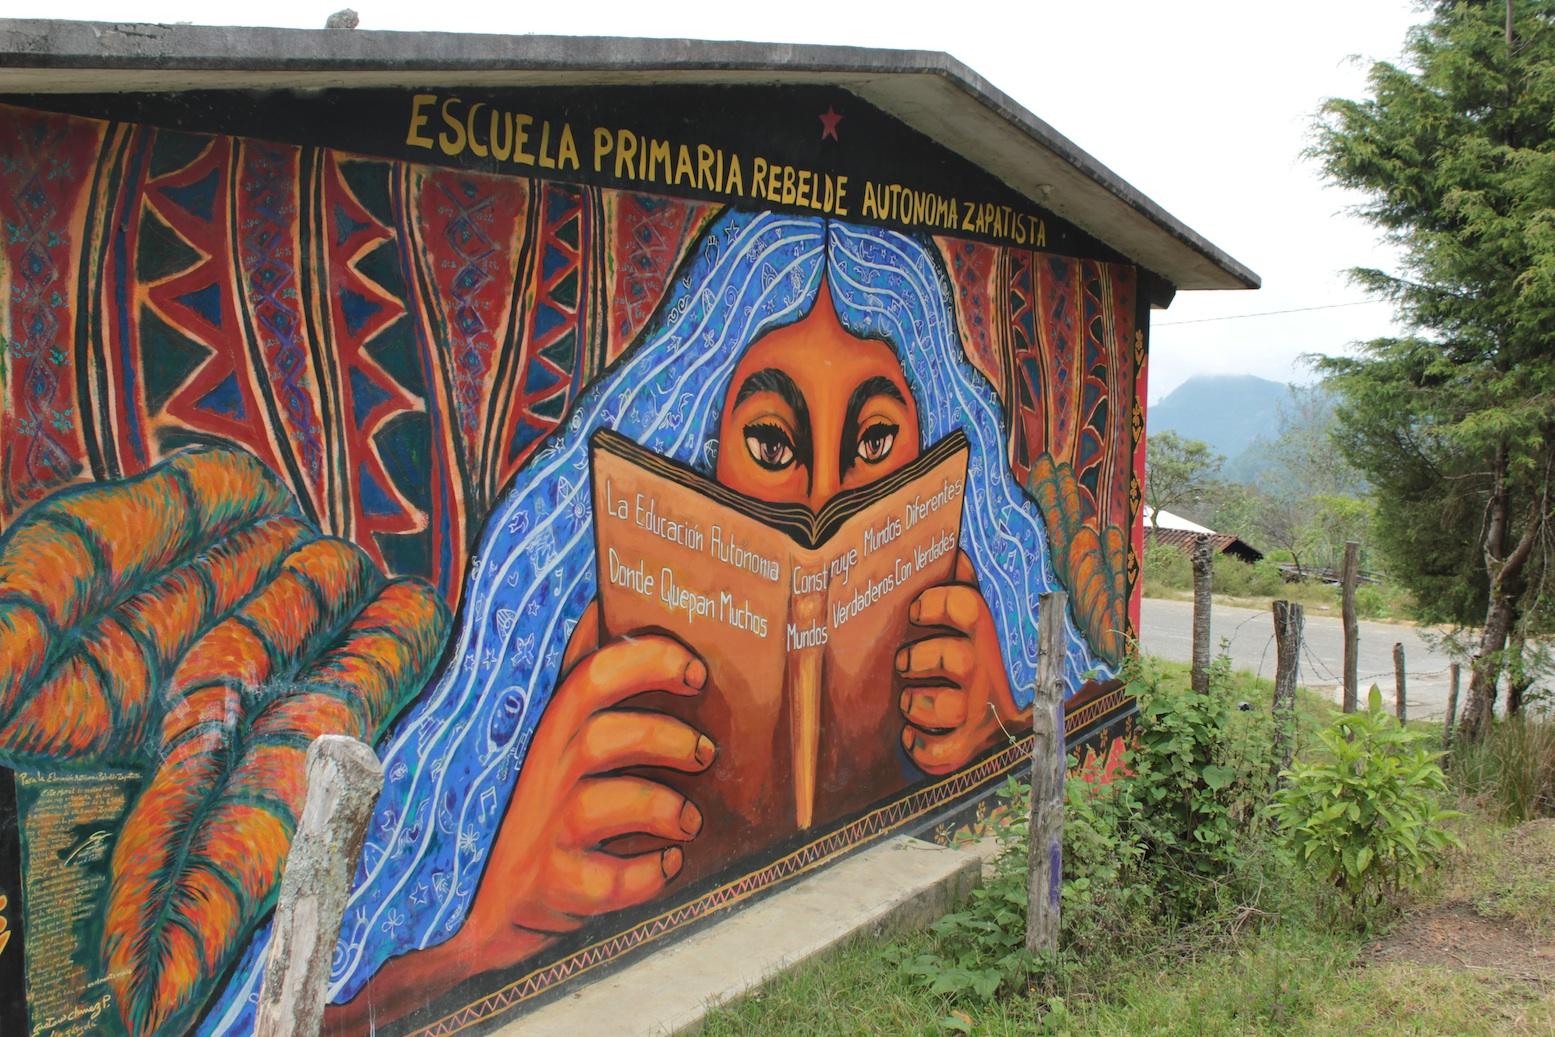 zapatista school onder andere gefinancierd met geld van handel in zapatistakoffie